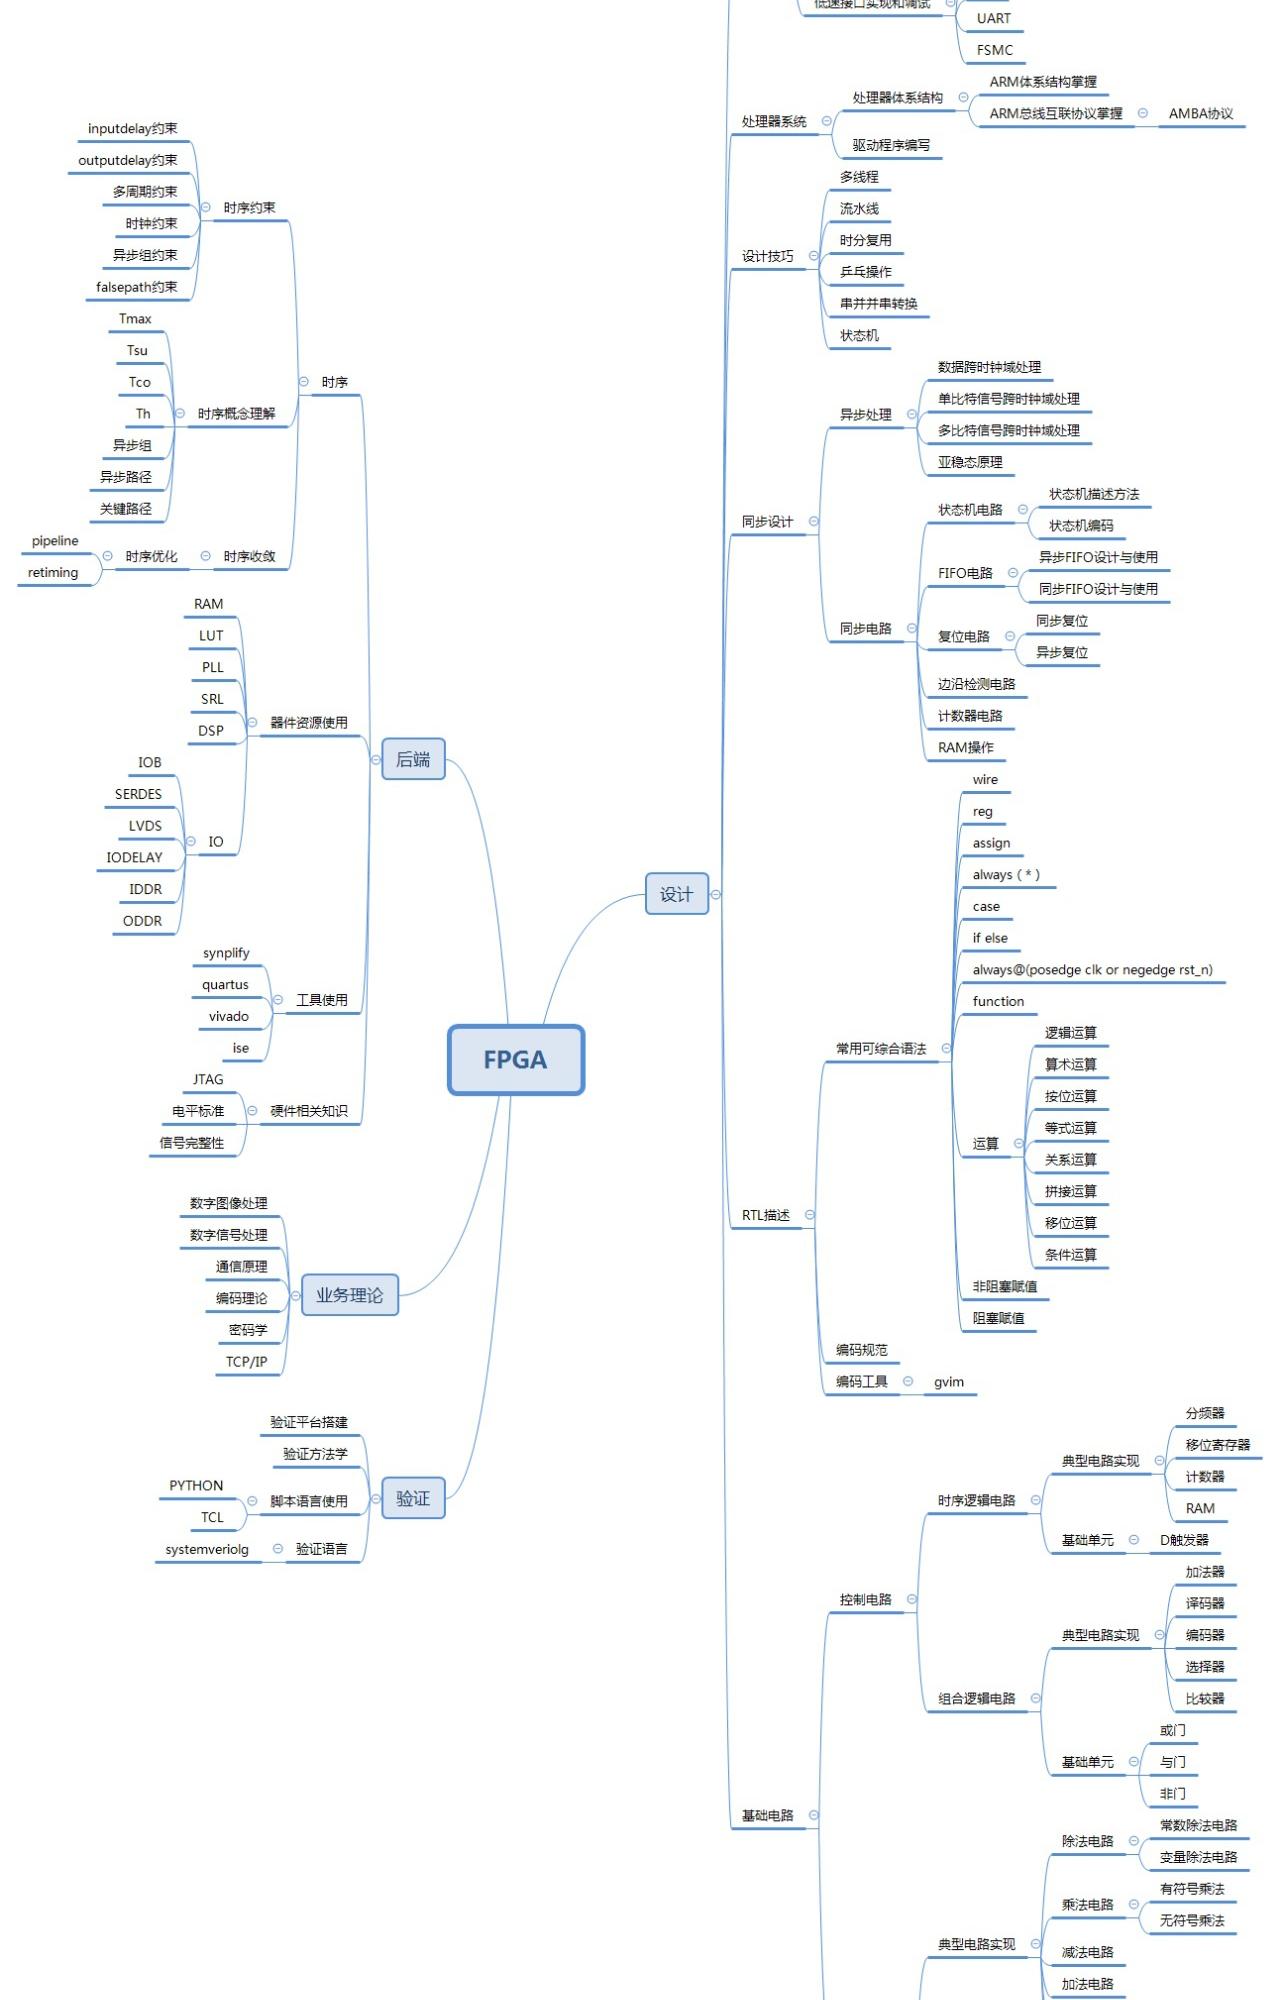 【發燒友研習社】史上最牛最全FPGA工程師的技能進階必備資料(2200+份,共100G+)